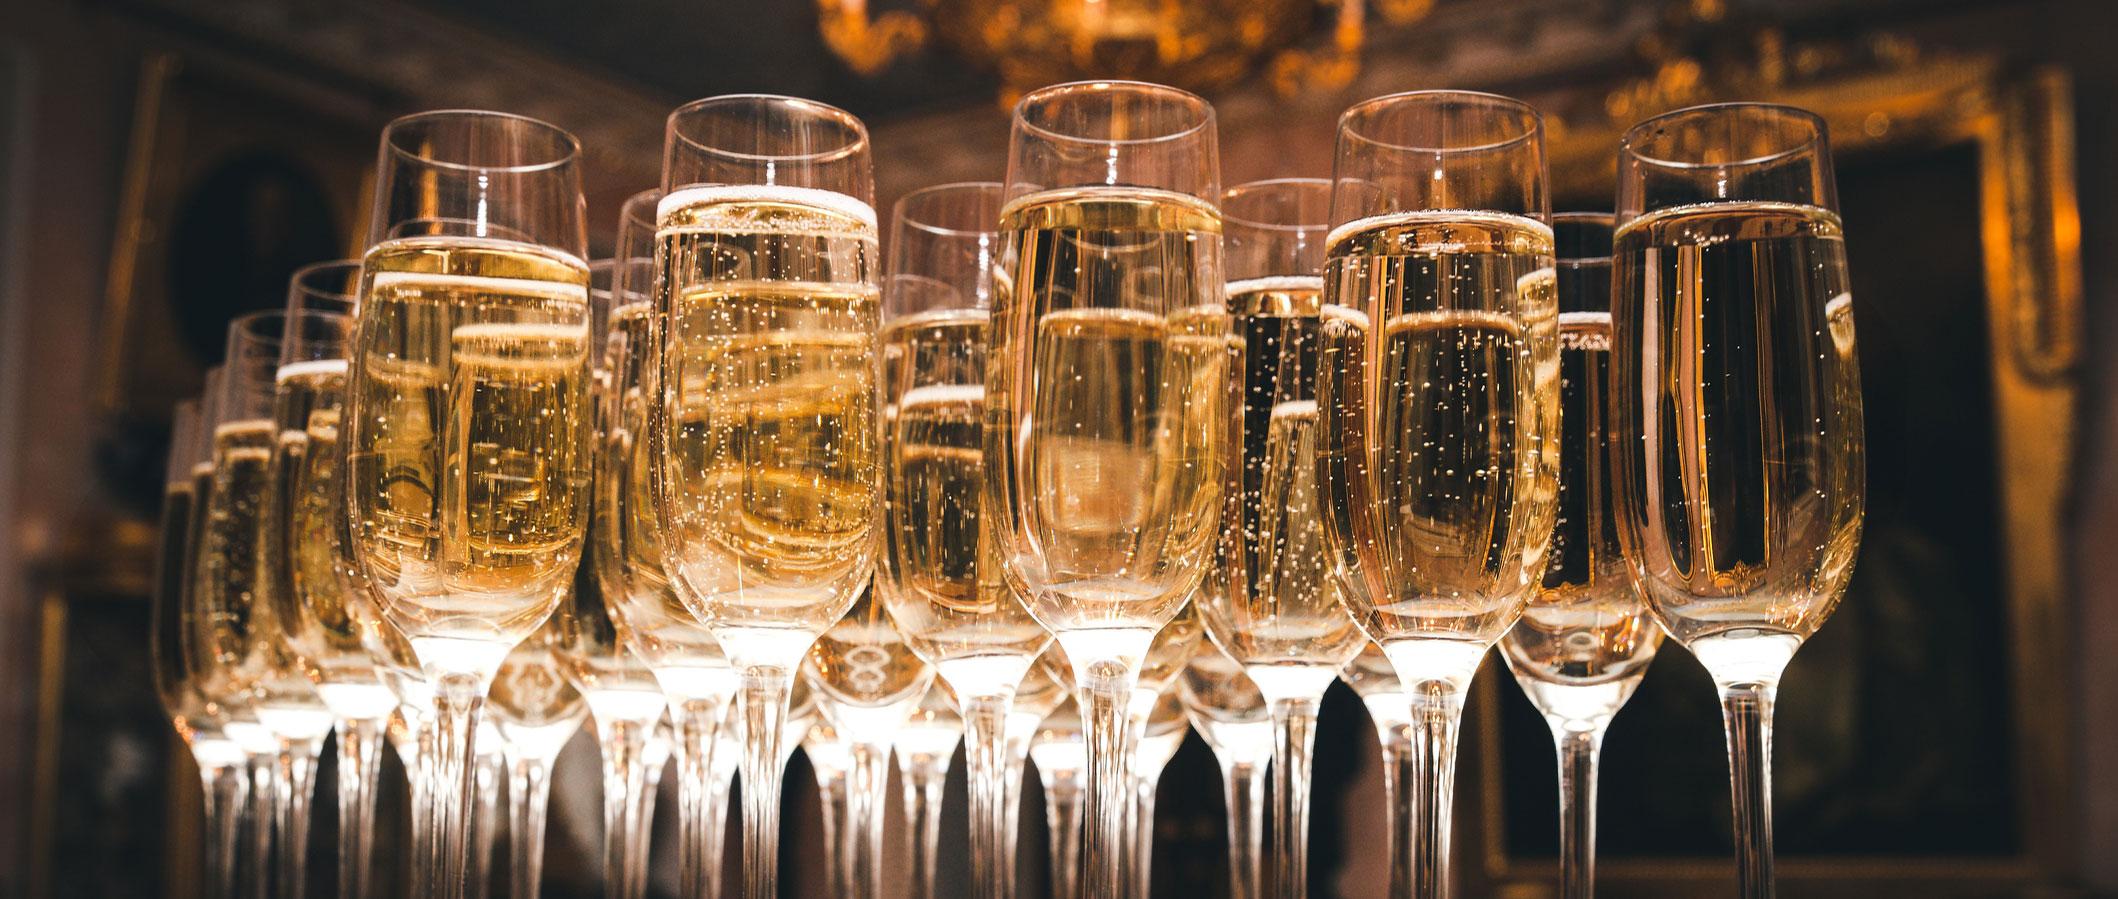 Buborék Világ pezsgőismereti tanfolyam